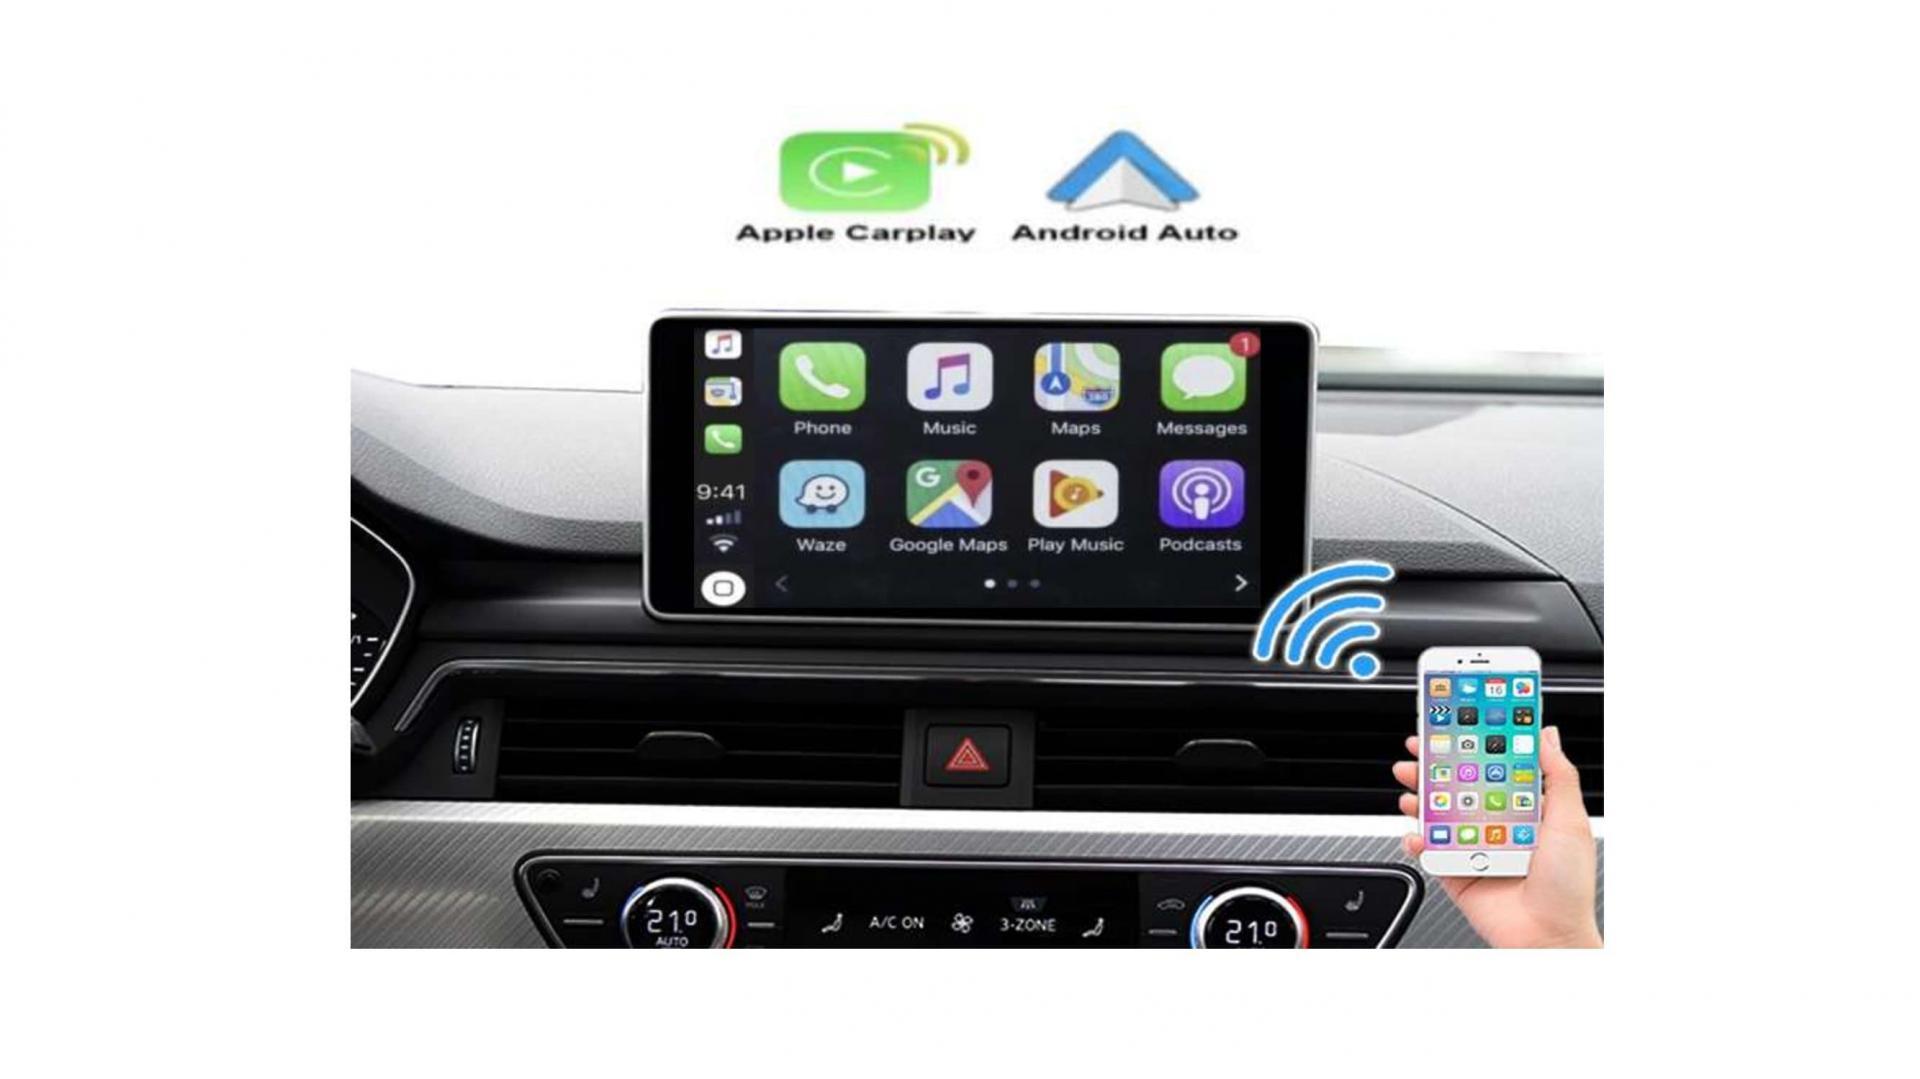 Android auto audi q5 peugeot renault megane4 mercedes audi peugeot opel toyota camera de recul commande au volant ipod tv dvbt 3g 4g pas cher wifi poste usb sd tnt 2 din tactile ca